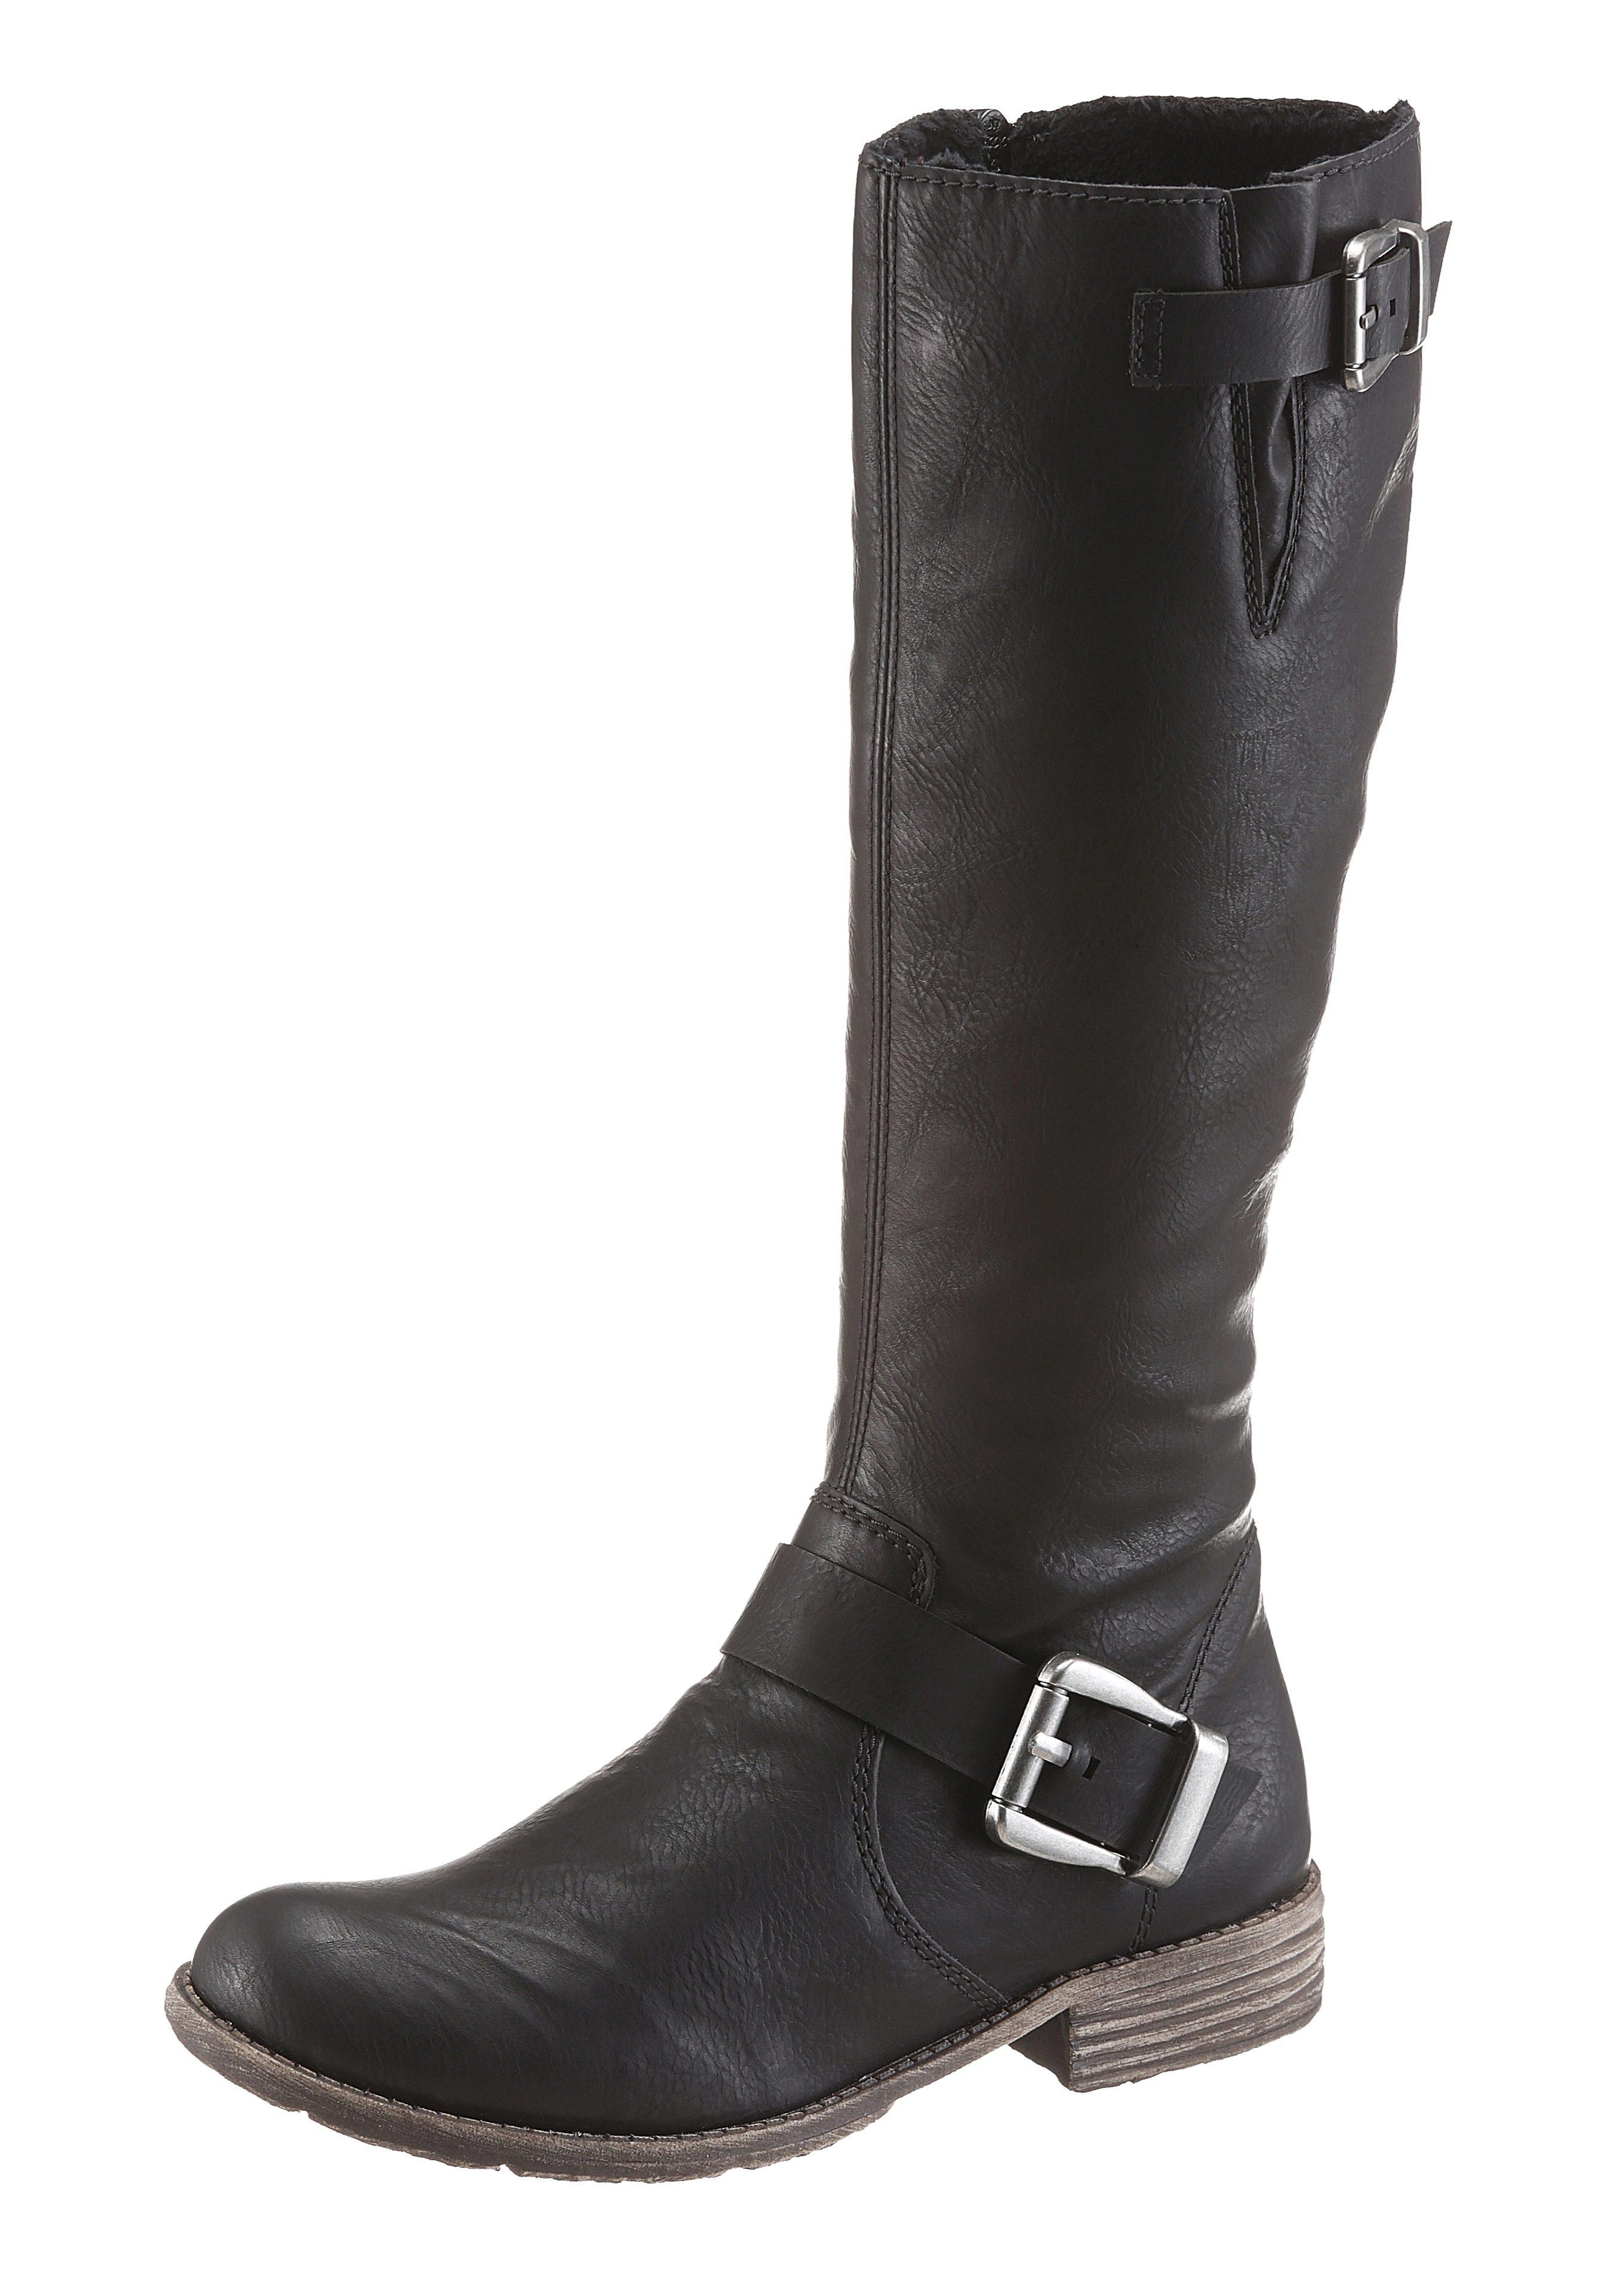 Rieker Stiefel mit modischer Zierschnalle kaufen | OTTO AXWTA